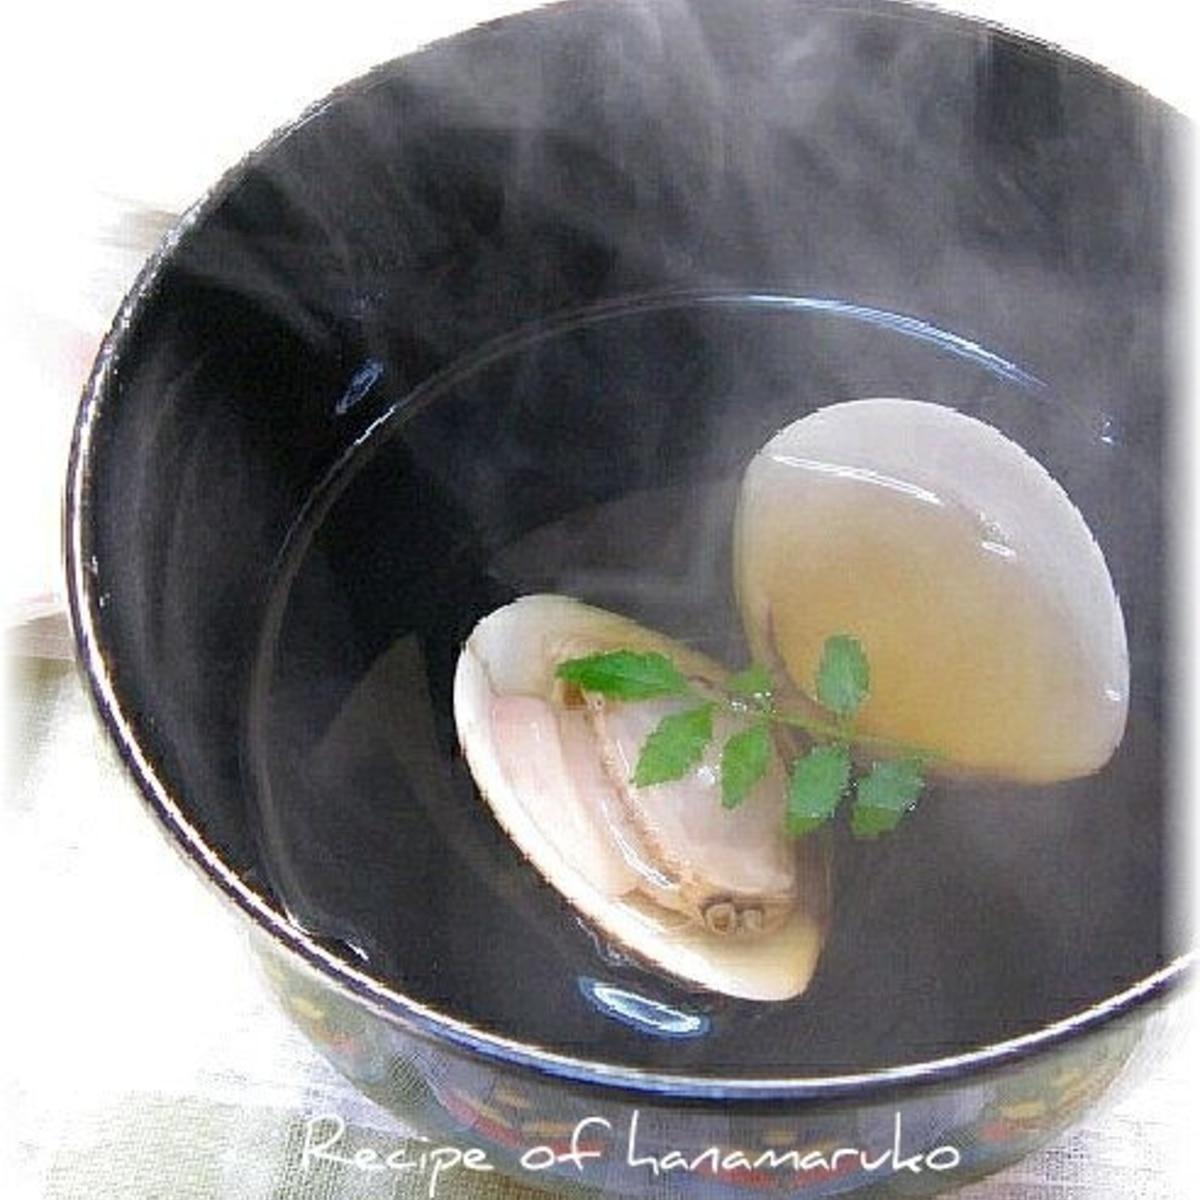 ハマグリ 潮汁